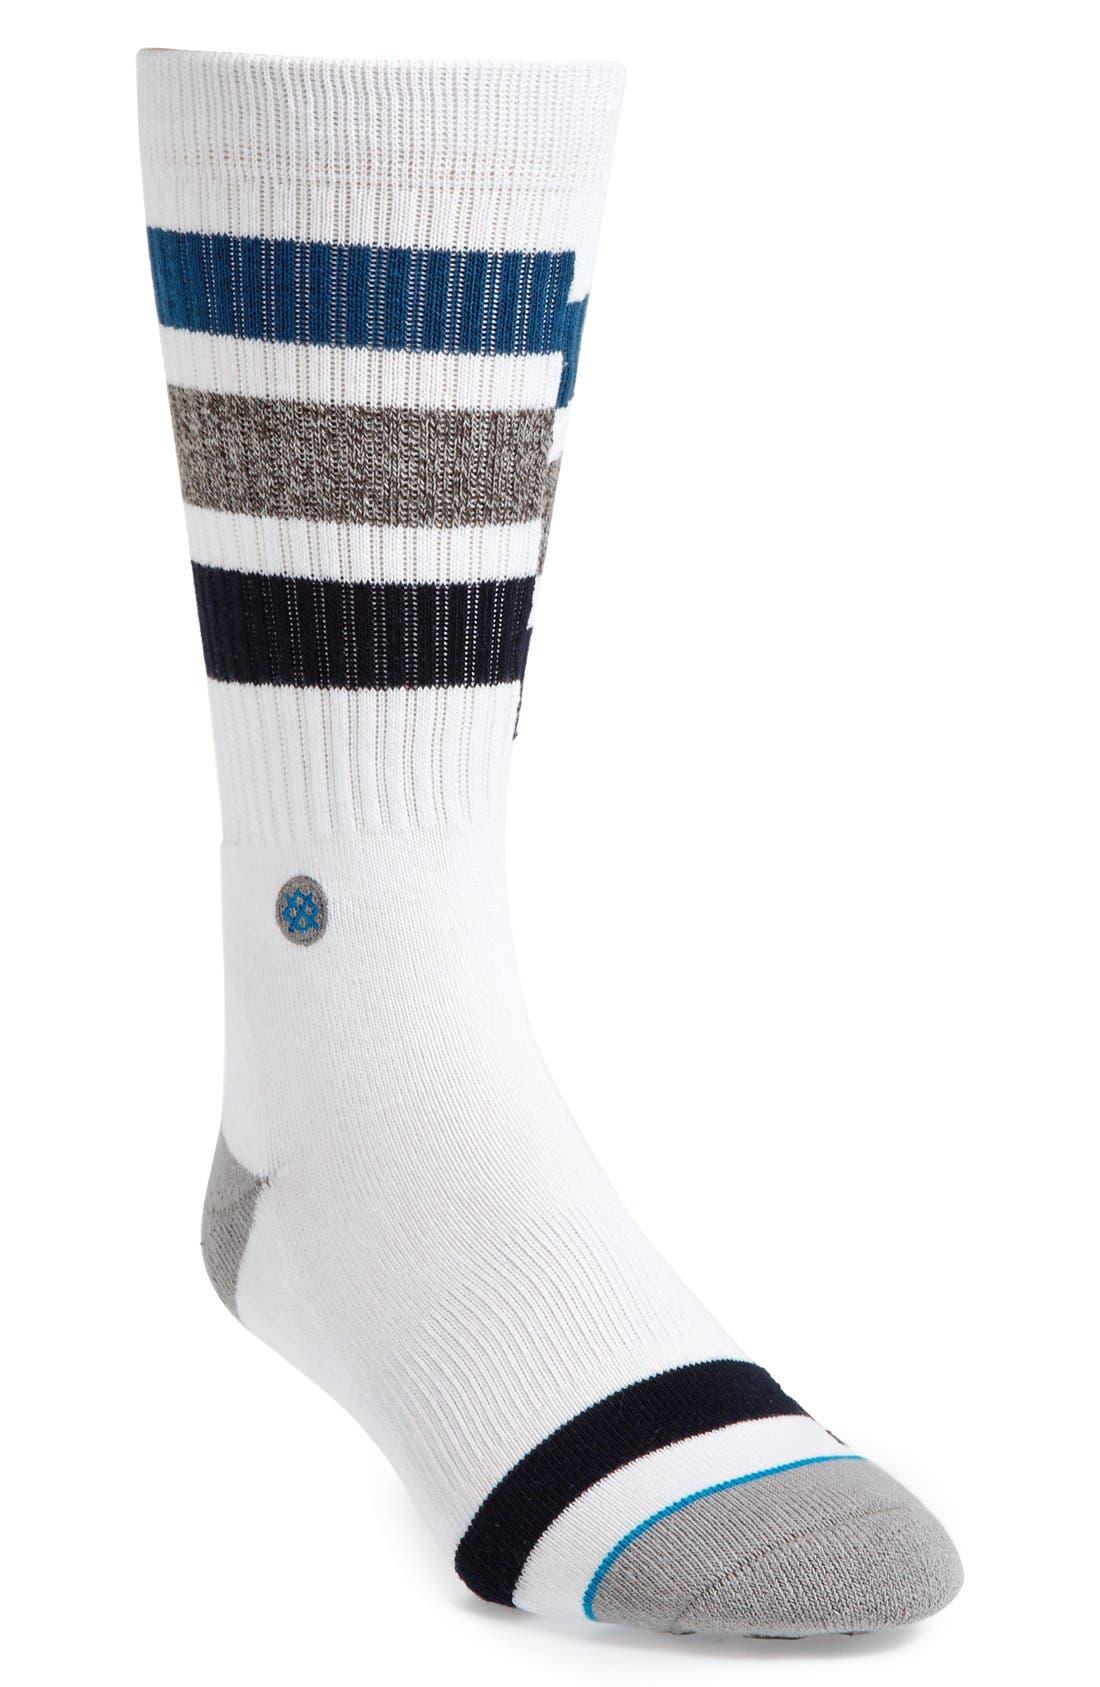 Alternate Image 1 Selected - Stance 'Abbott' Socks